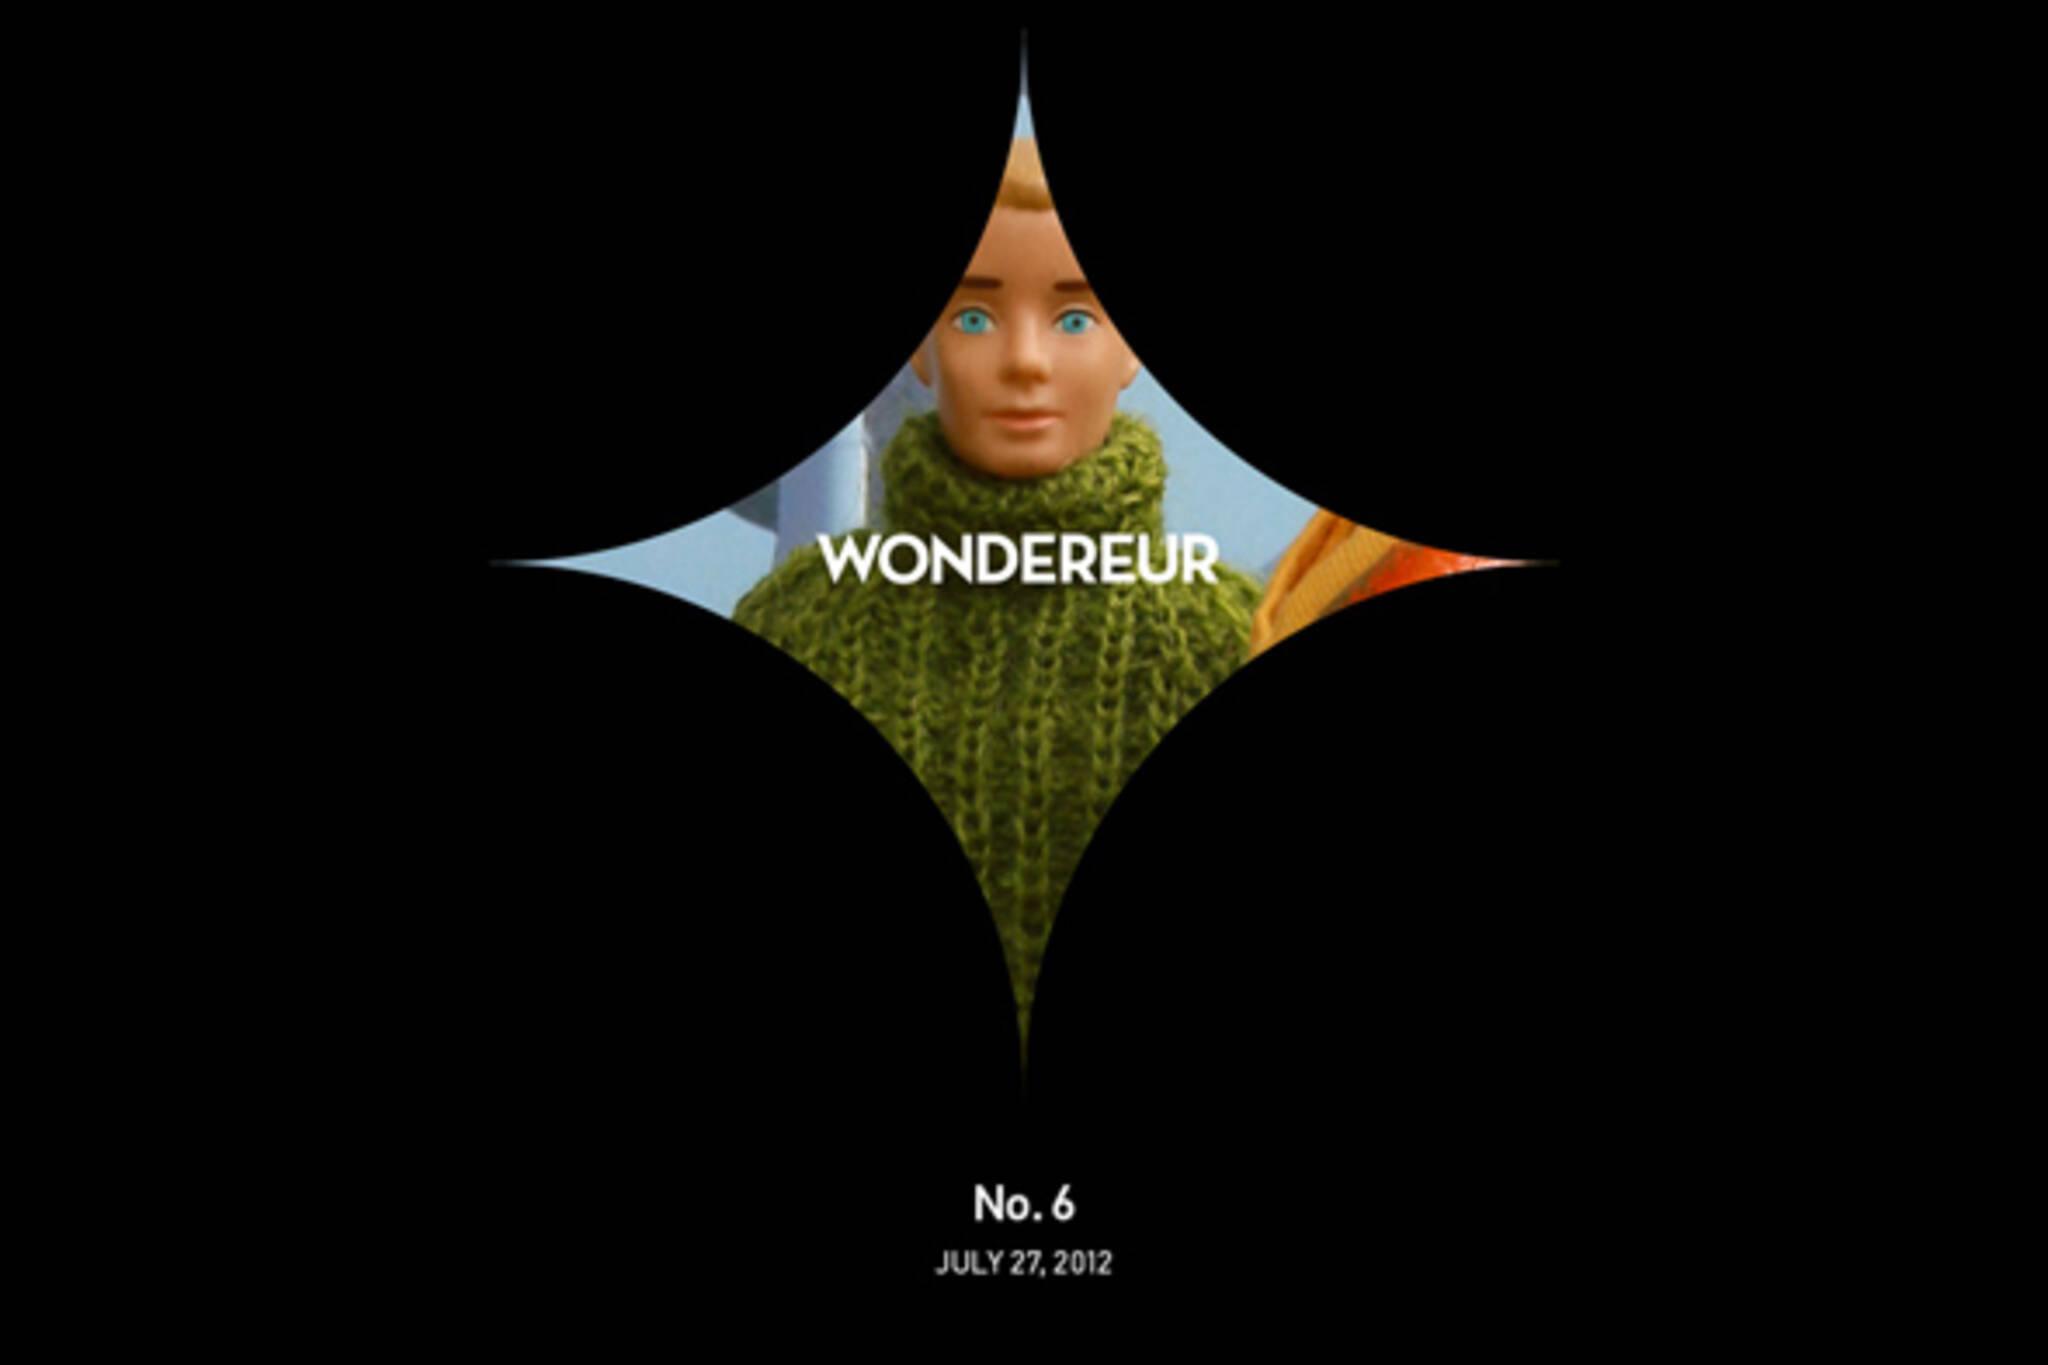 Wondereur App